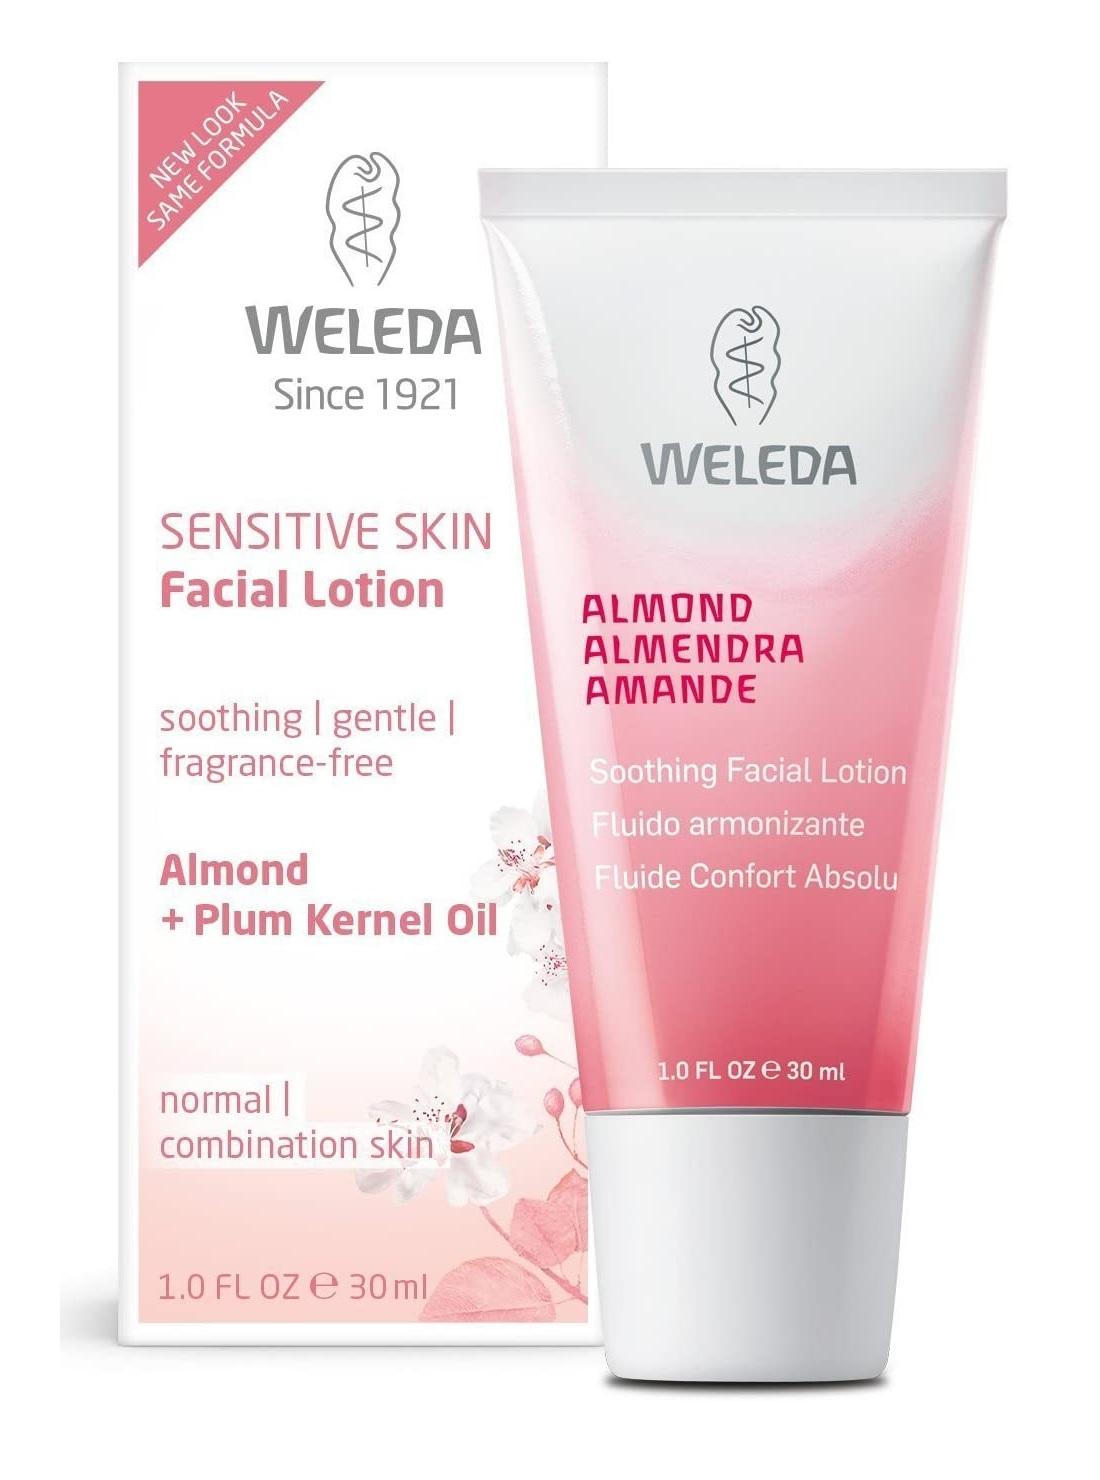 Fluido armonizante para piel sensible con signos de sensibilidad de almendra de Weleda